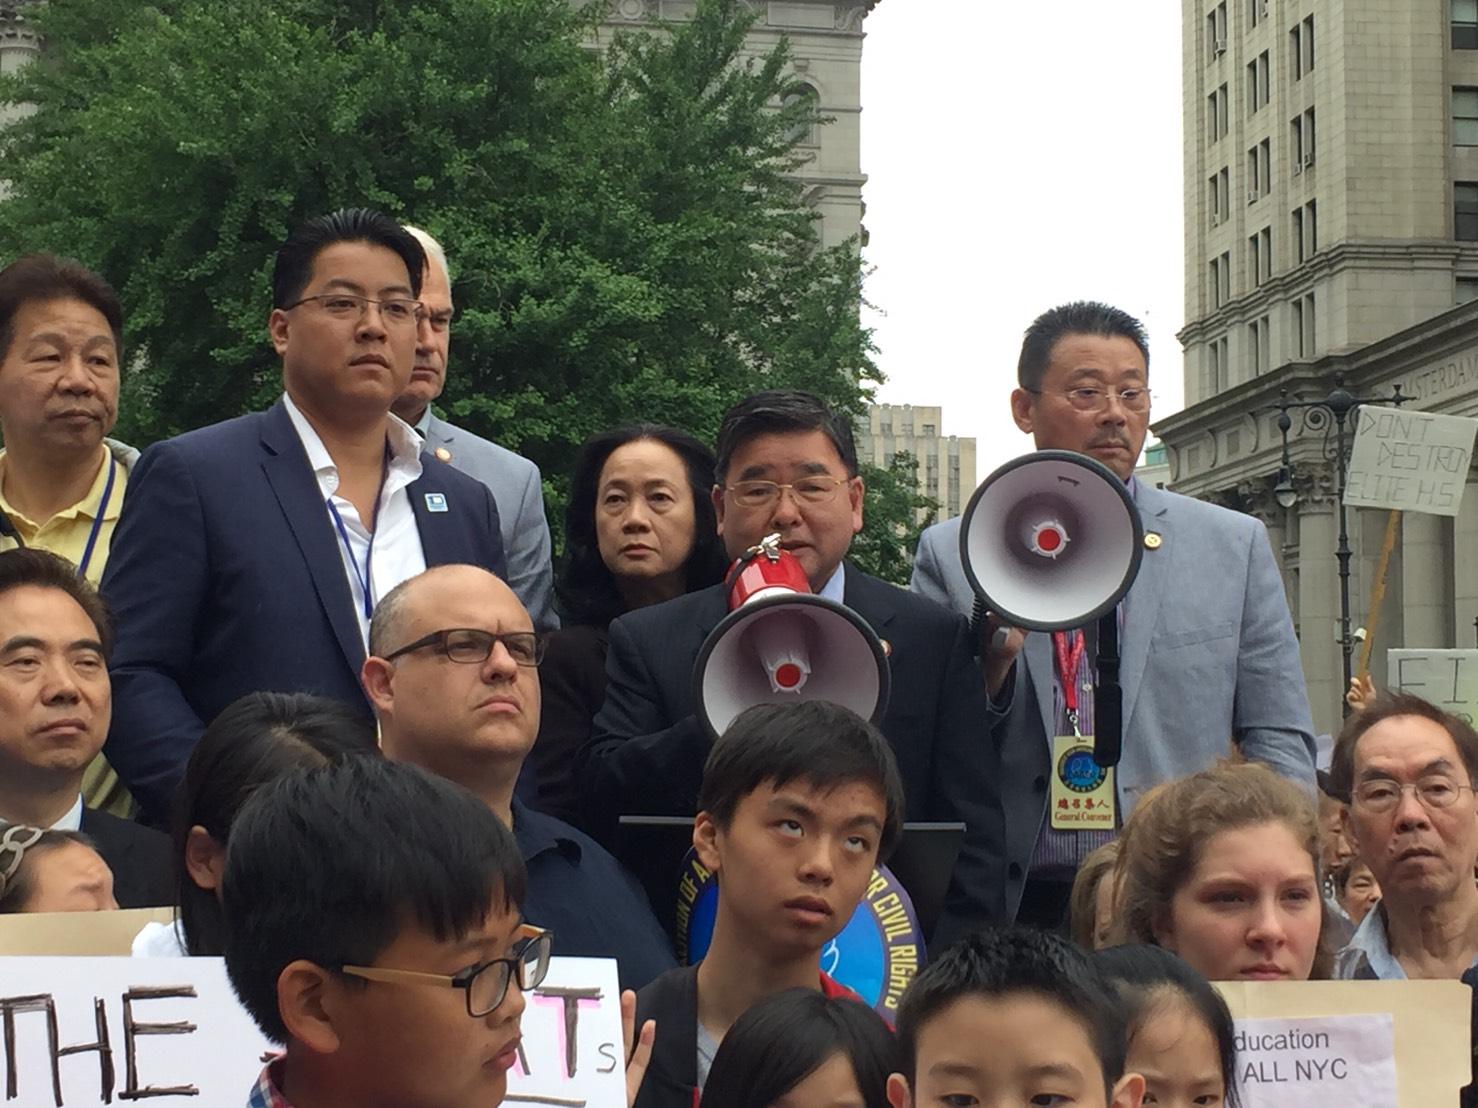 市議員顧雅明(中間拿擴音器者)也現身支持亞裔訴求。記者顏嘉瑩/攝影